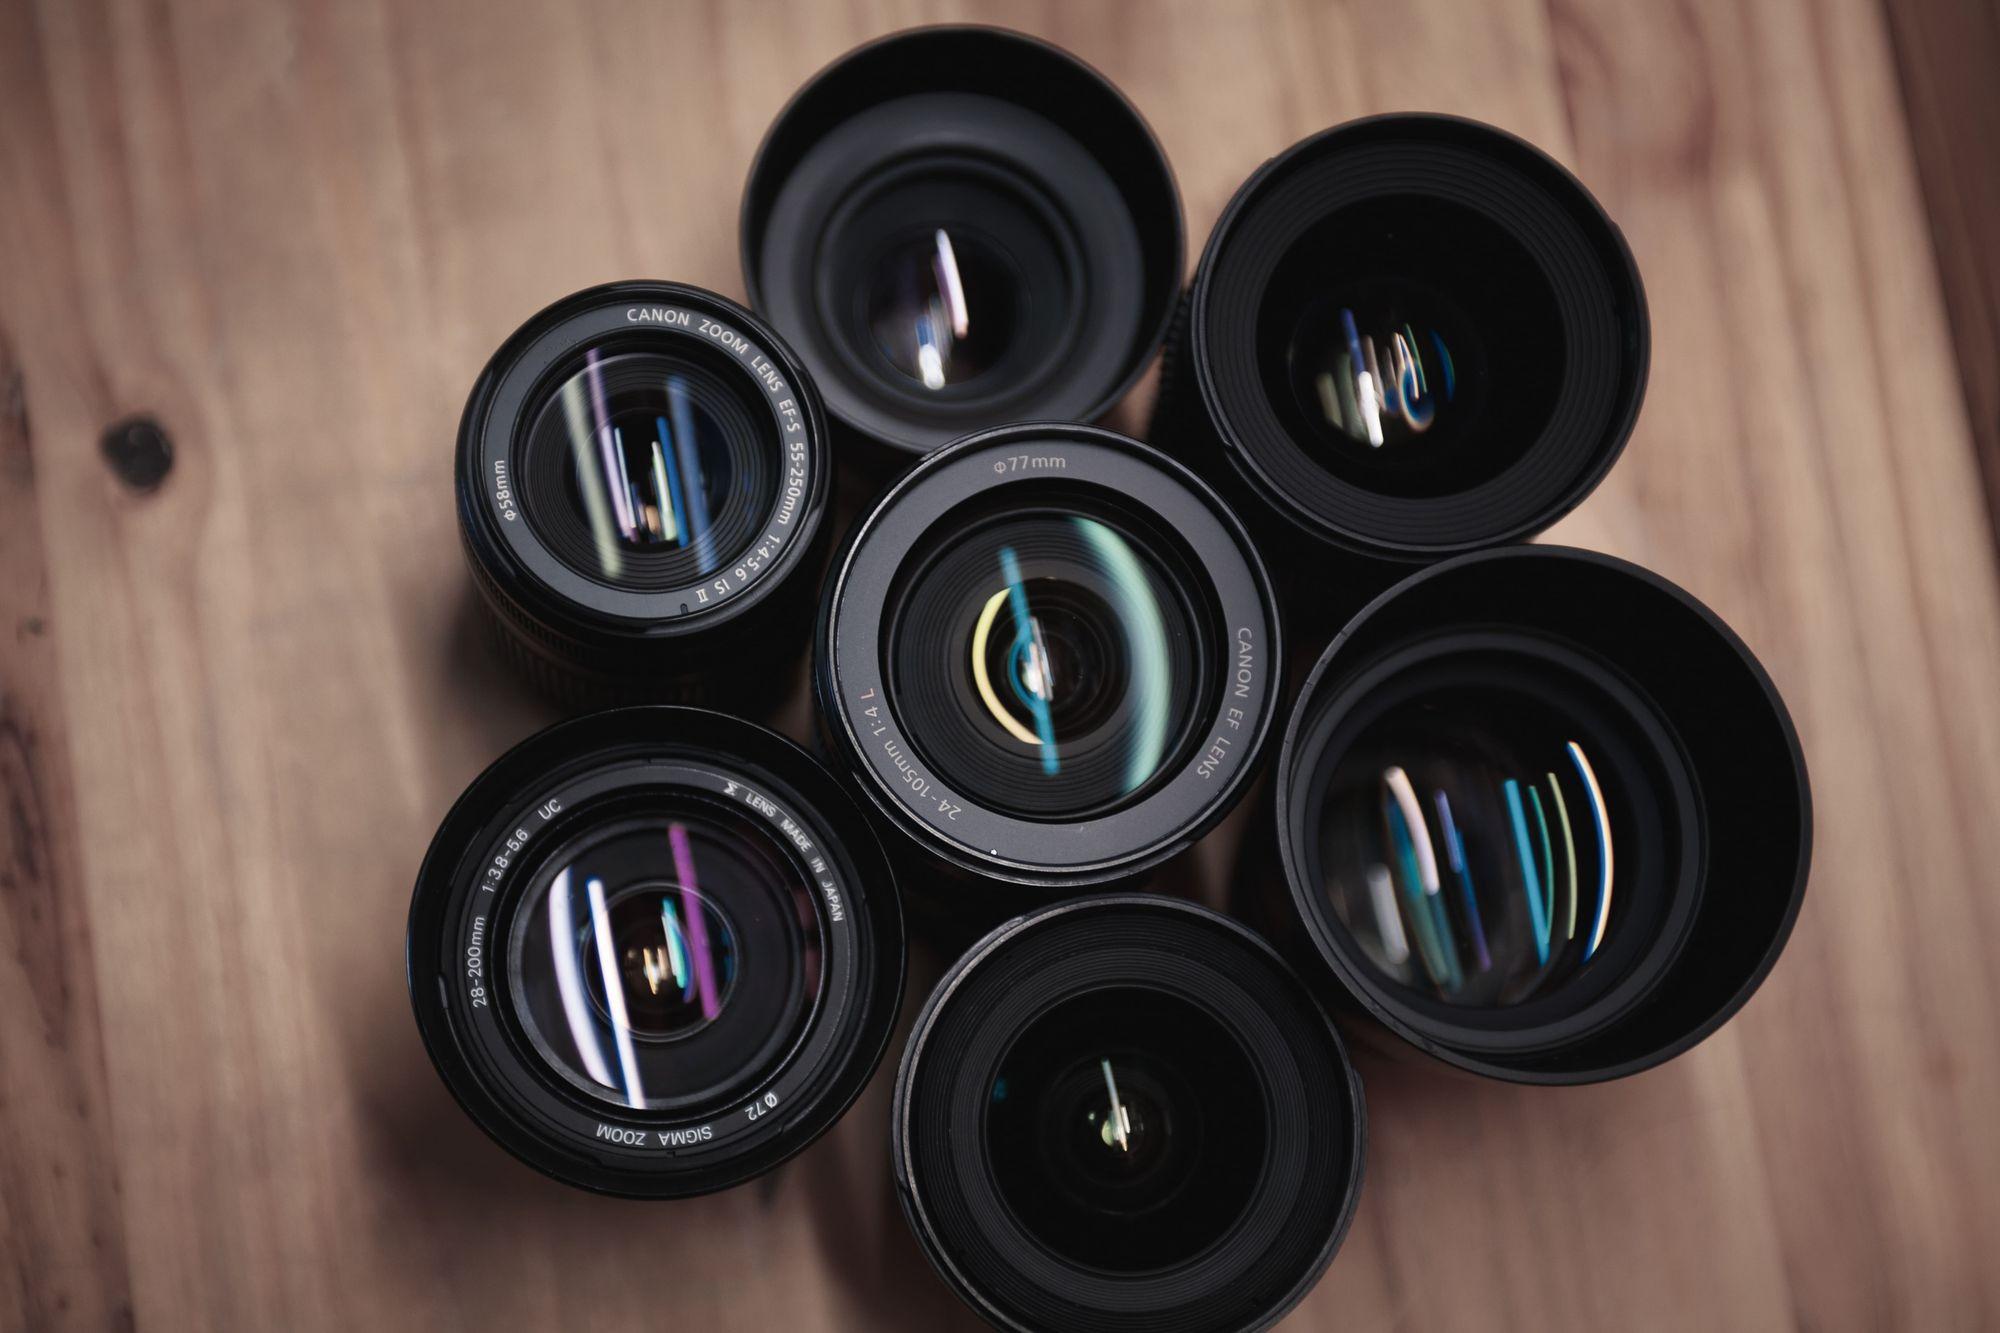 Best camera lenses for landscape photography